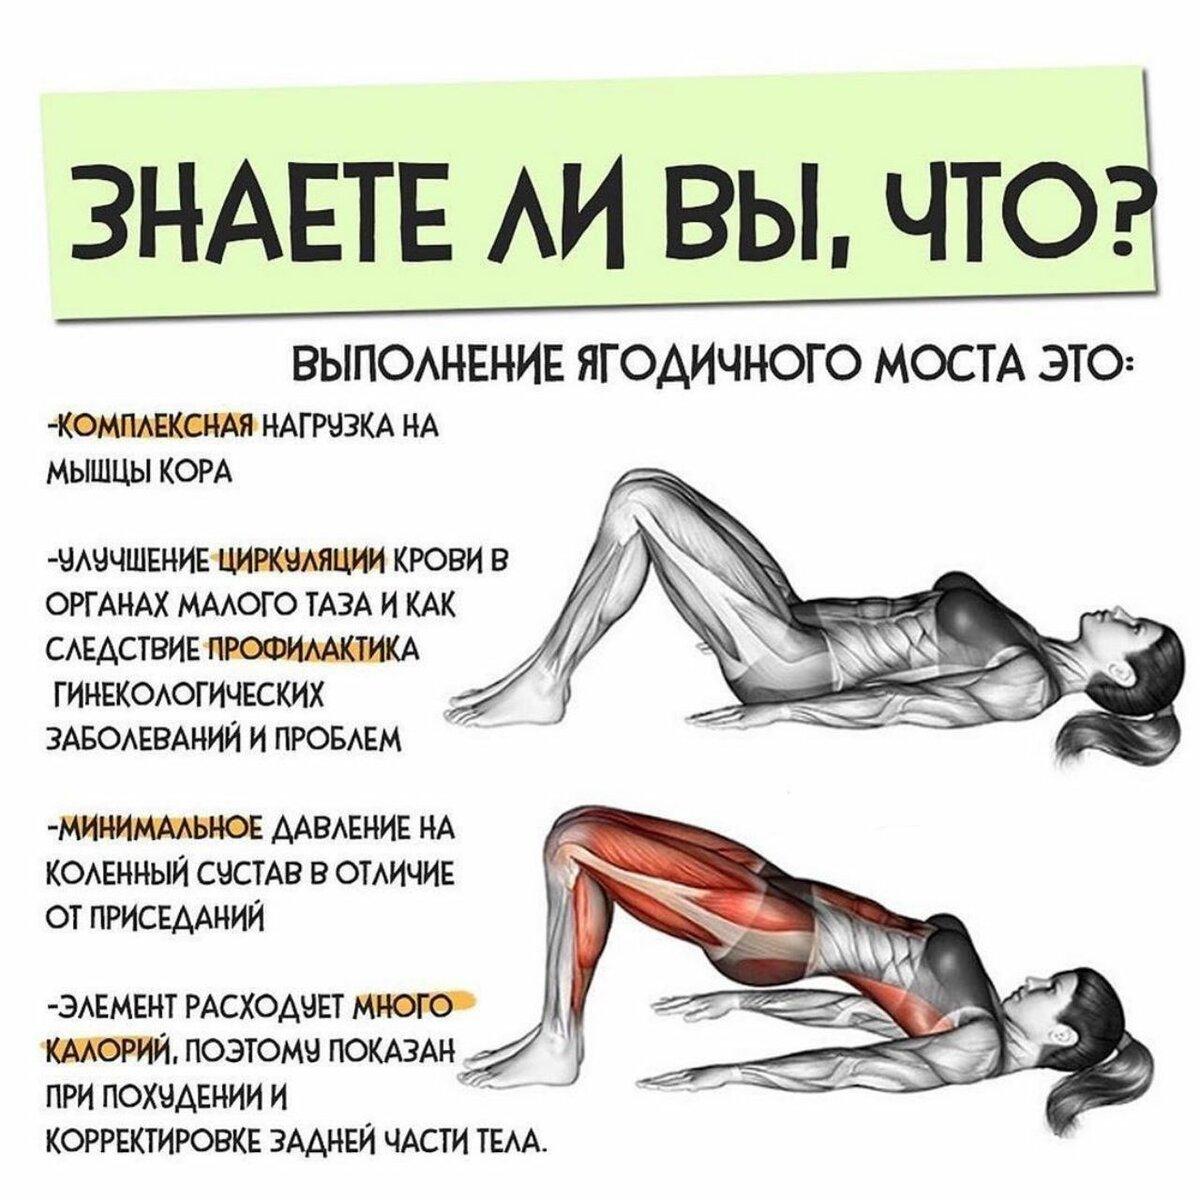 Мышцы кора: тренируем свой центр